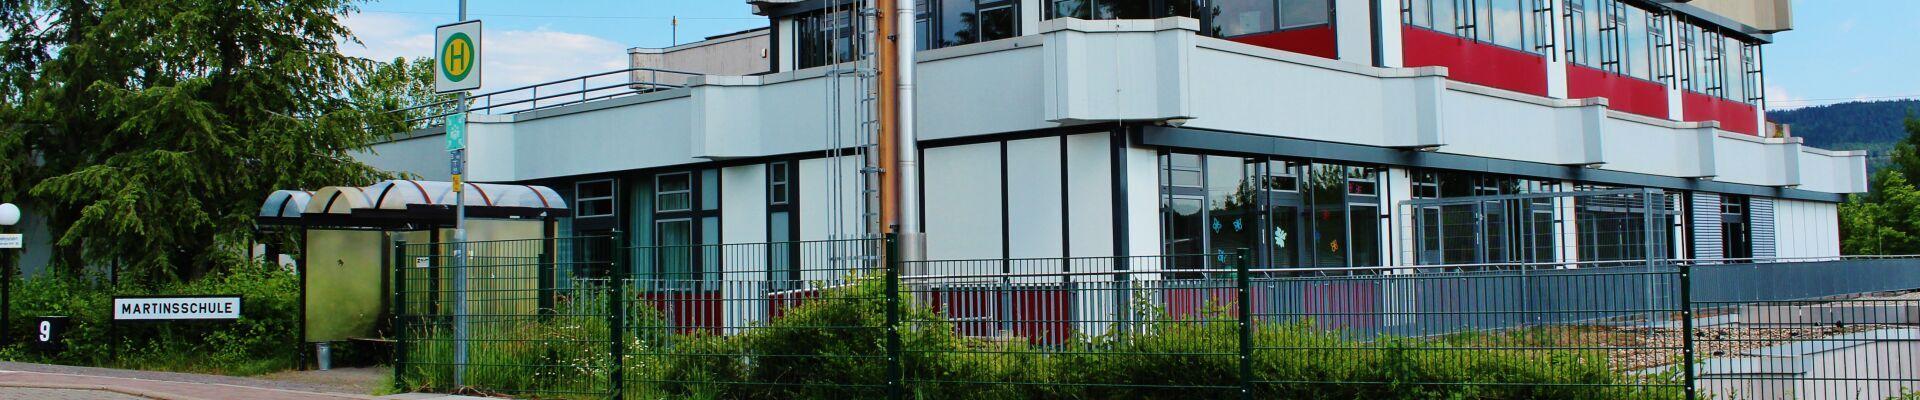 Die Martinsschule in Linsengericht-Altenhaßlau